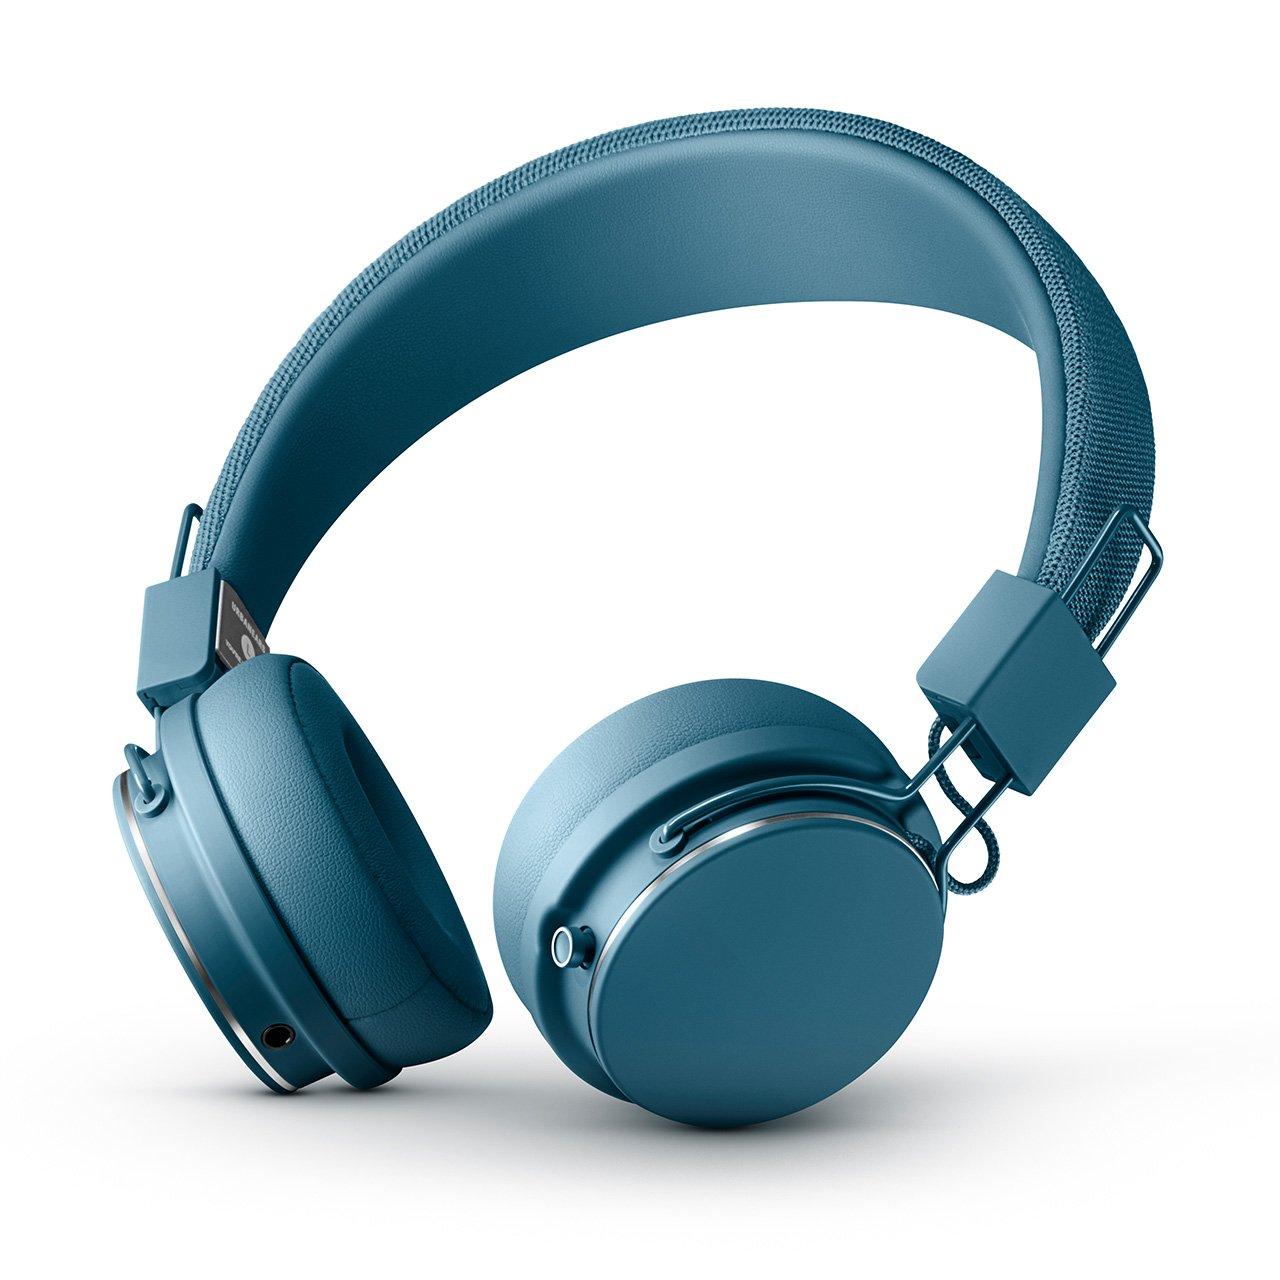 Bluetooth sluchátka Plattan II BT – Indigo